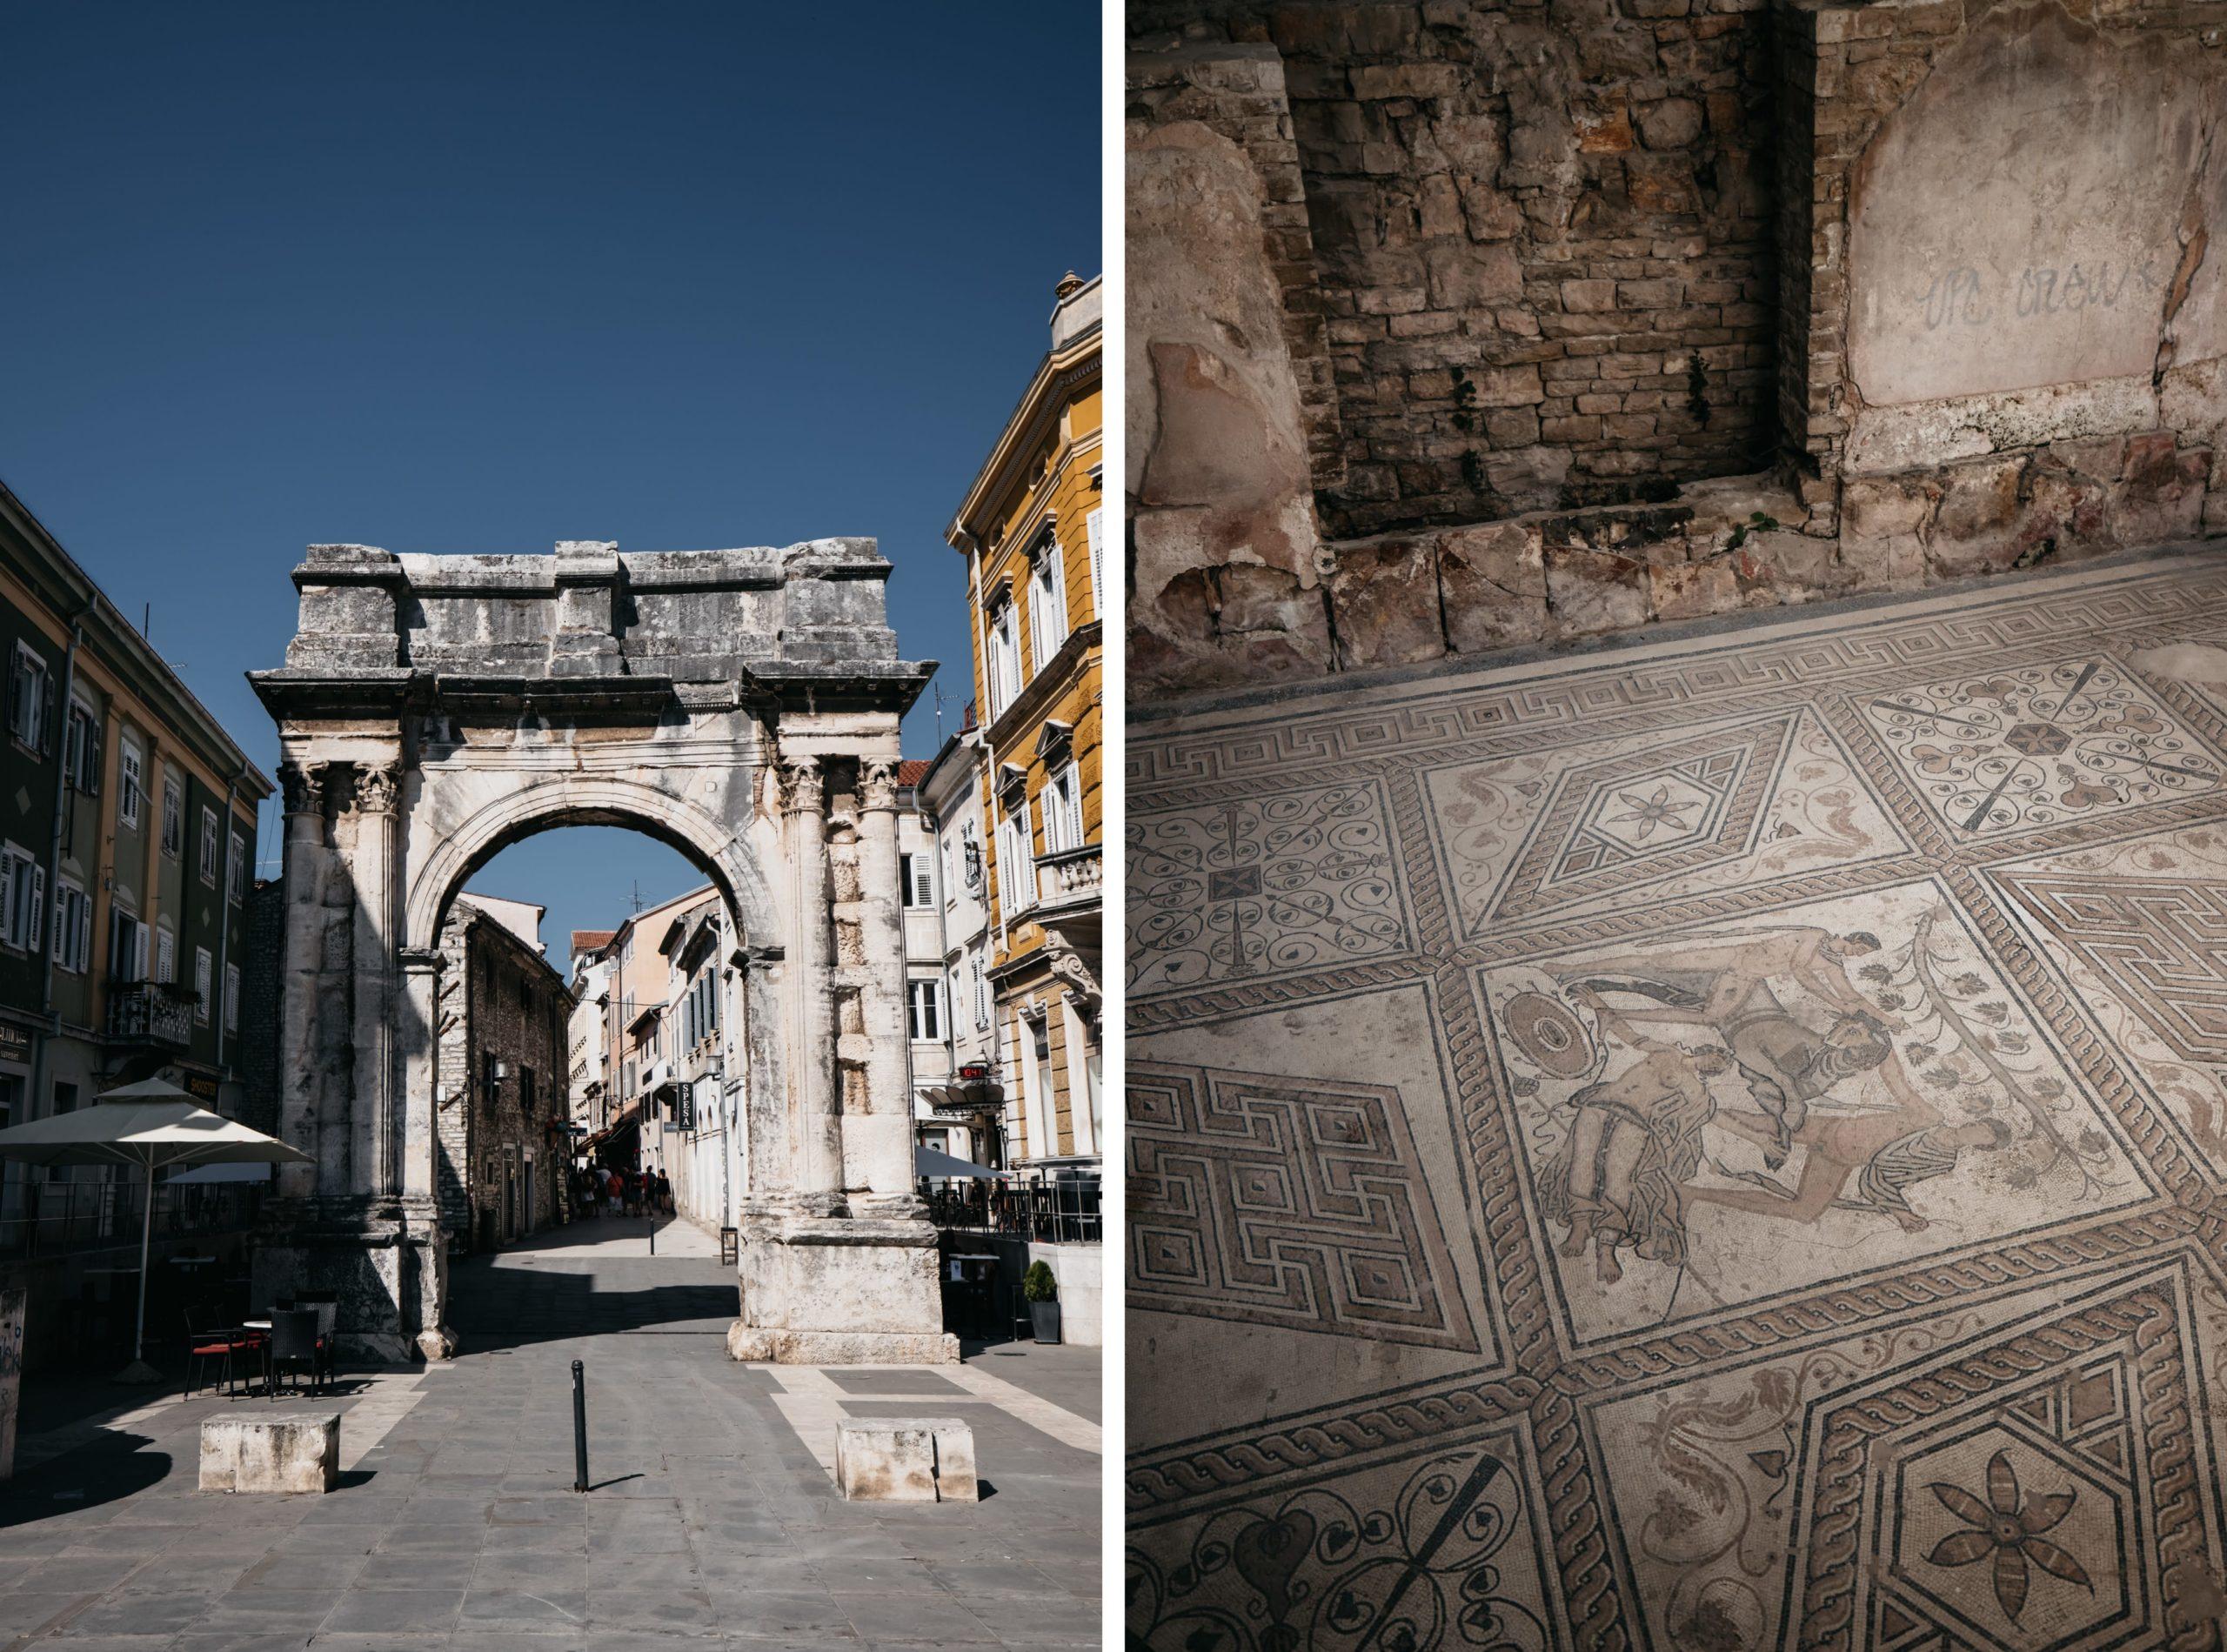 Das Goldene Tor / Sergierbogen und Römisches Mosaik in Pula Sehenswürdigkeiten